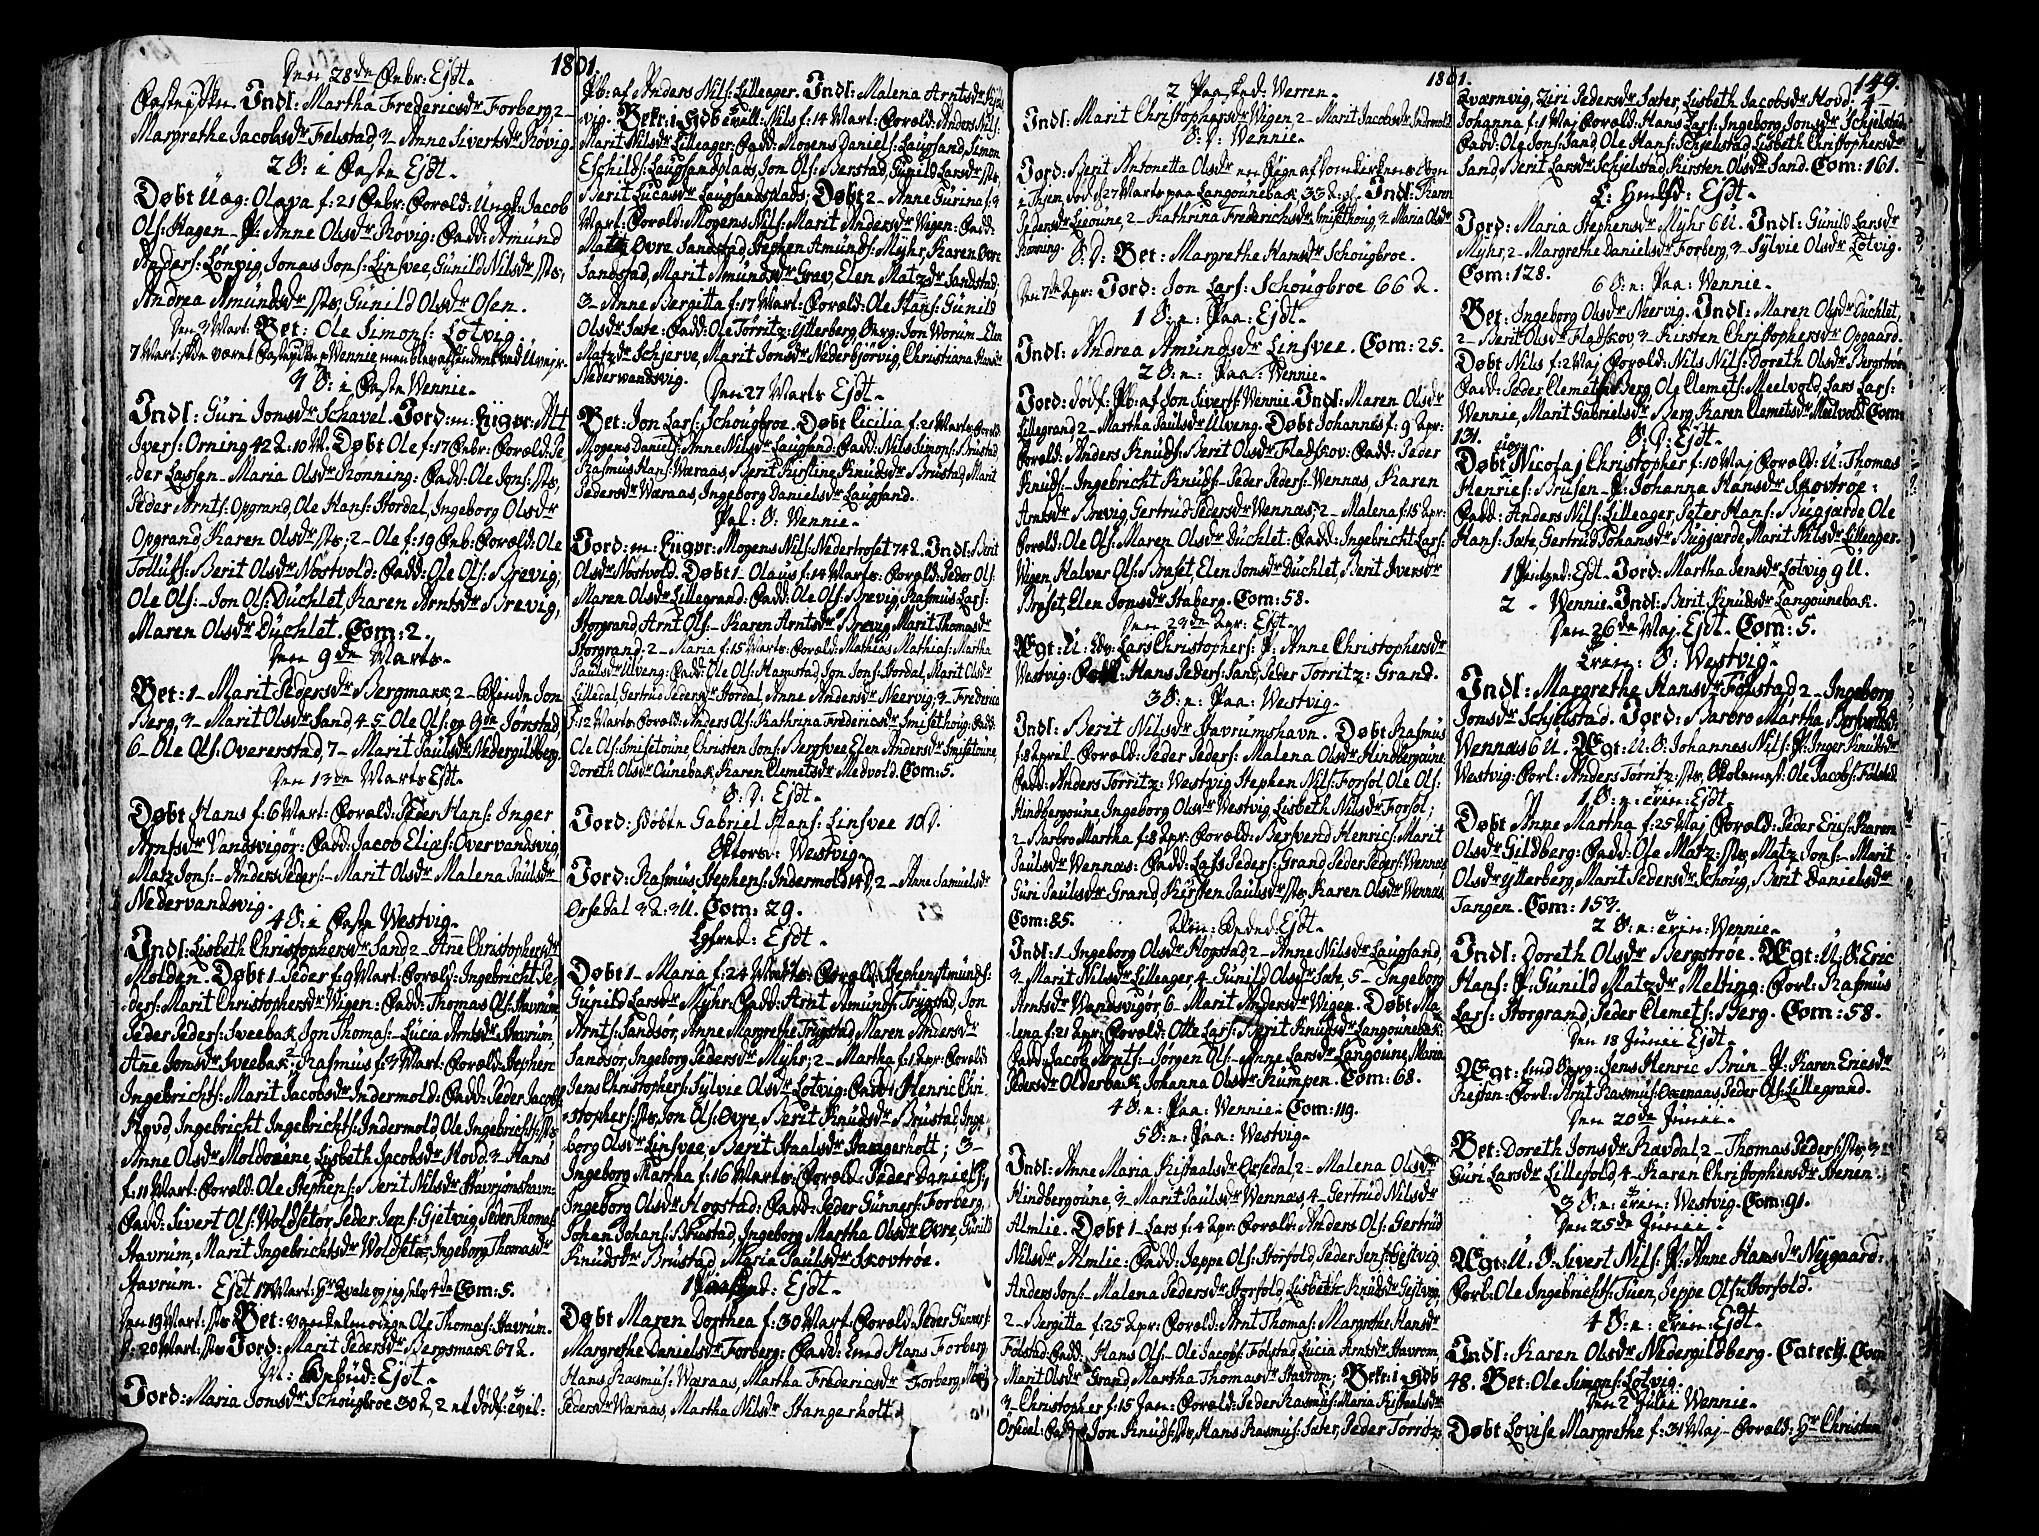 SAT, Ministerialprotokoller, klokkerbøker og fødselsregistre - Nord-Trøndelag, 722/L0216: Ministerialbok nr. 722A03, 1756-1816, s. 149